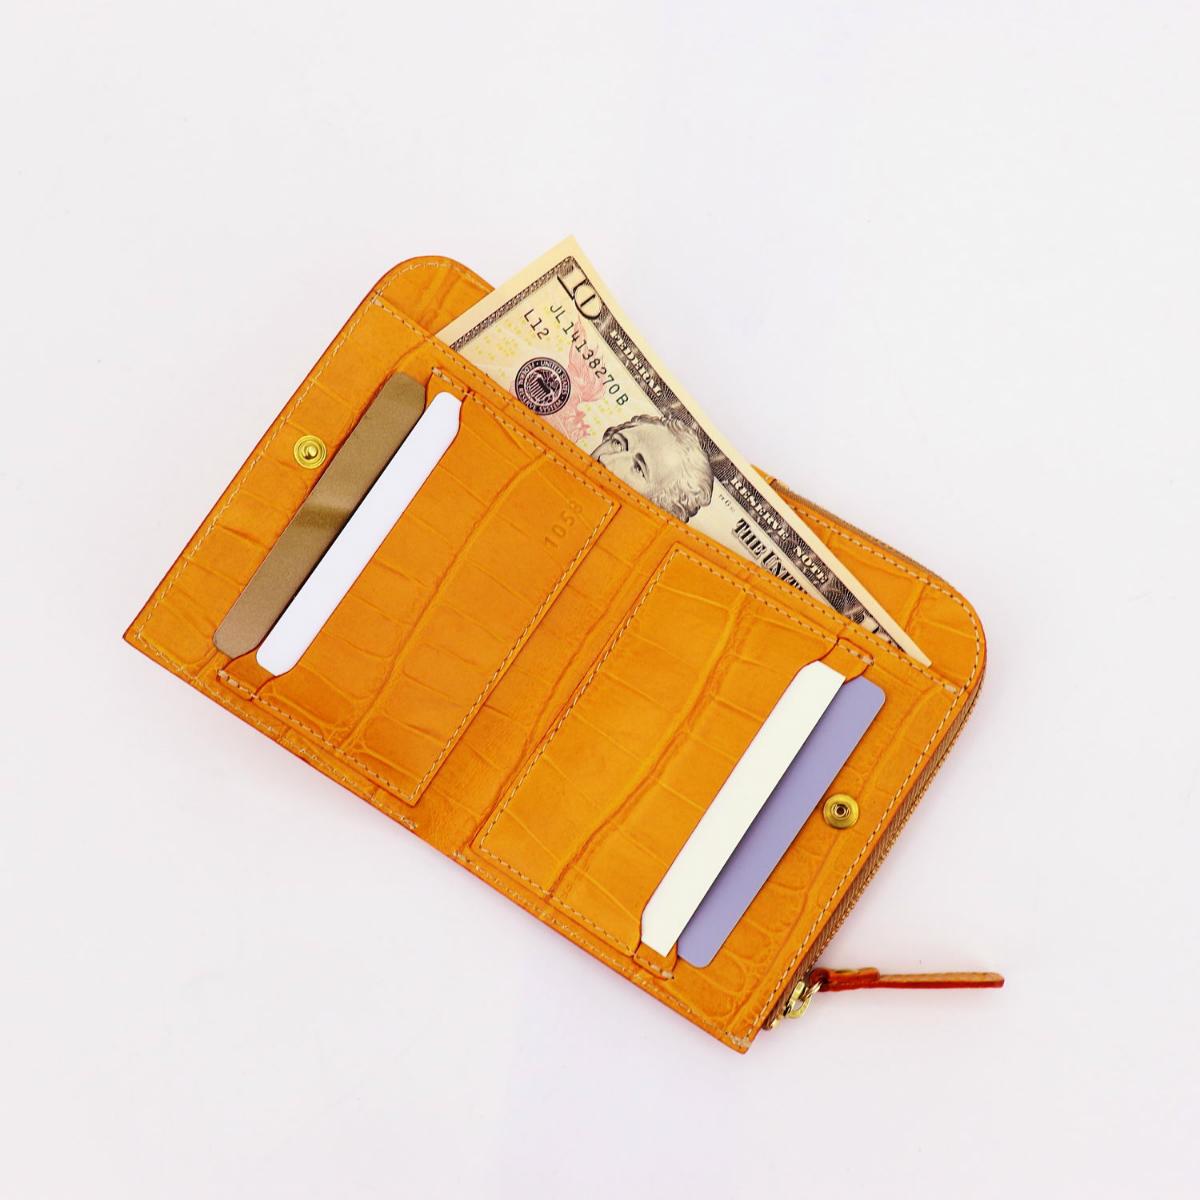 フェリージ Felisi クロコダイル型押し エンボスレザー L字ジップ 2つ折り財布 1058/SA FLS MANGO(オレンジ)春夏新作